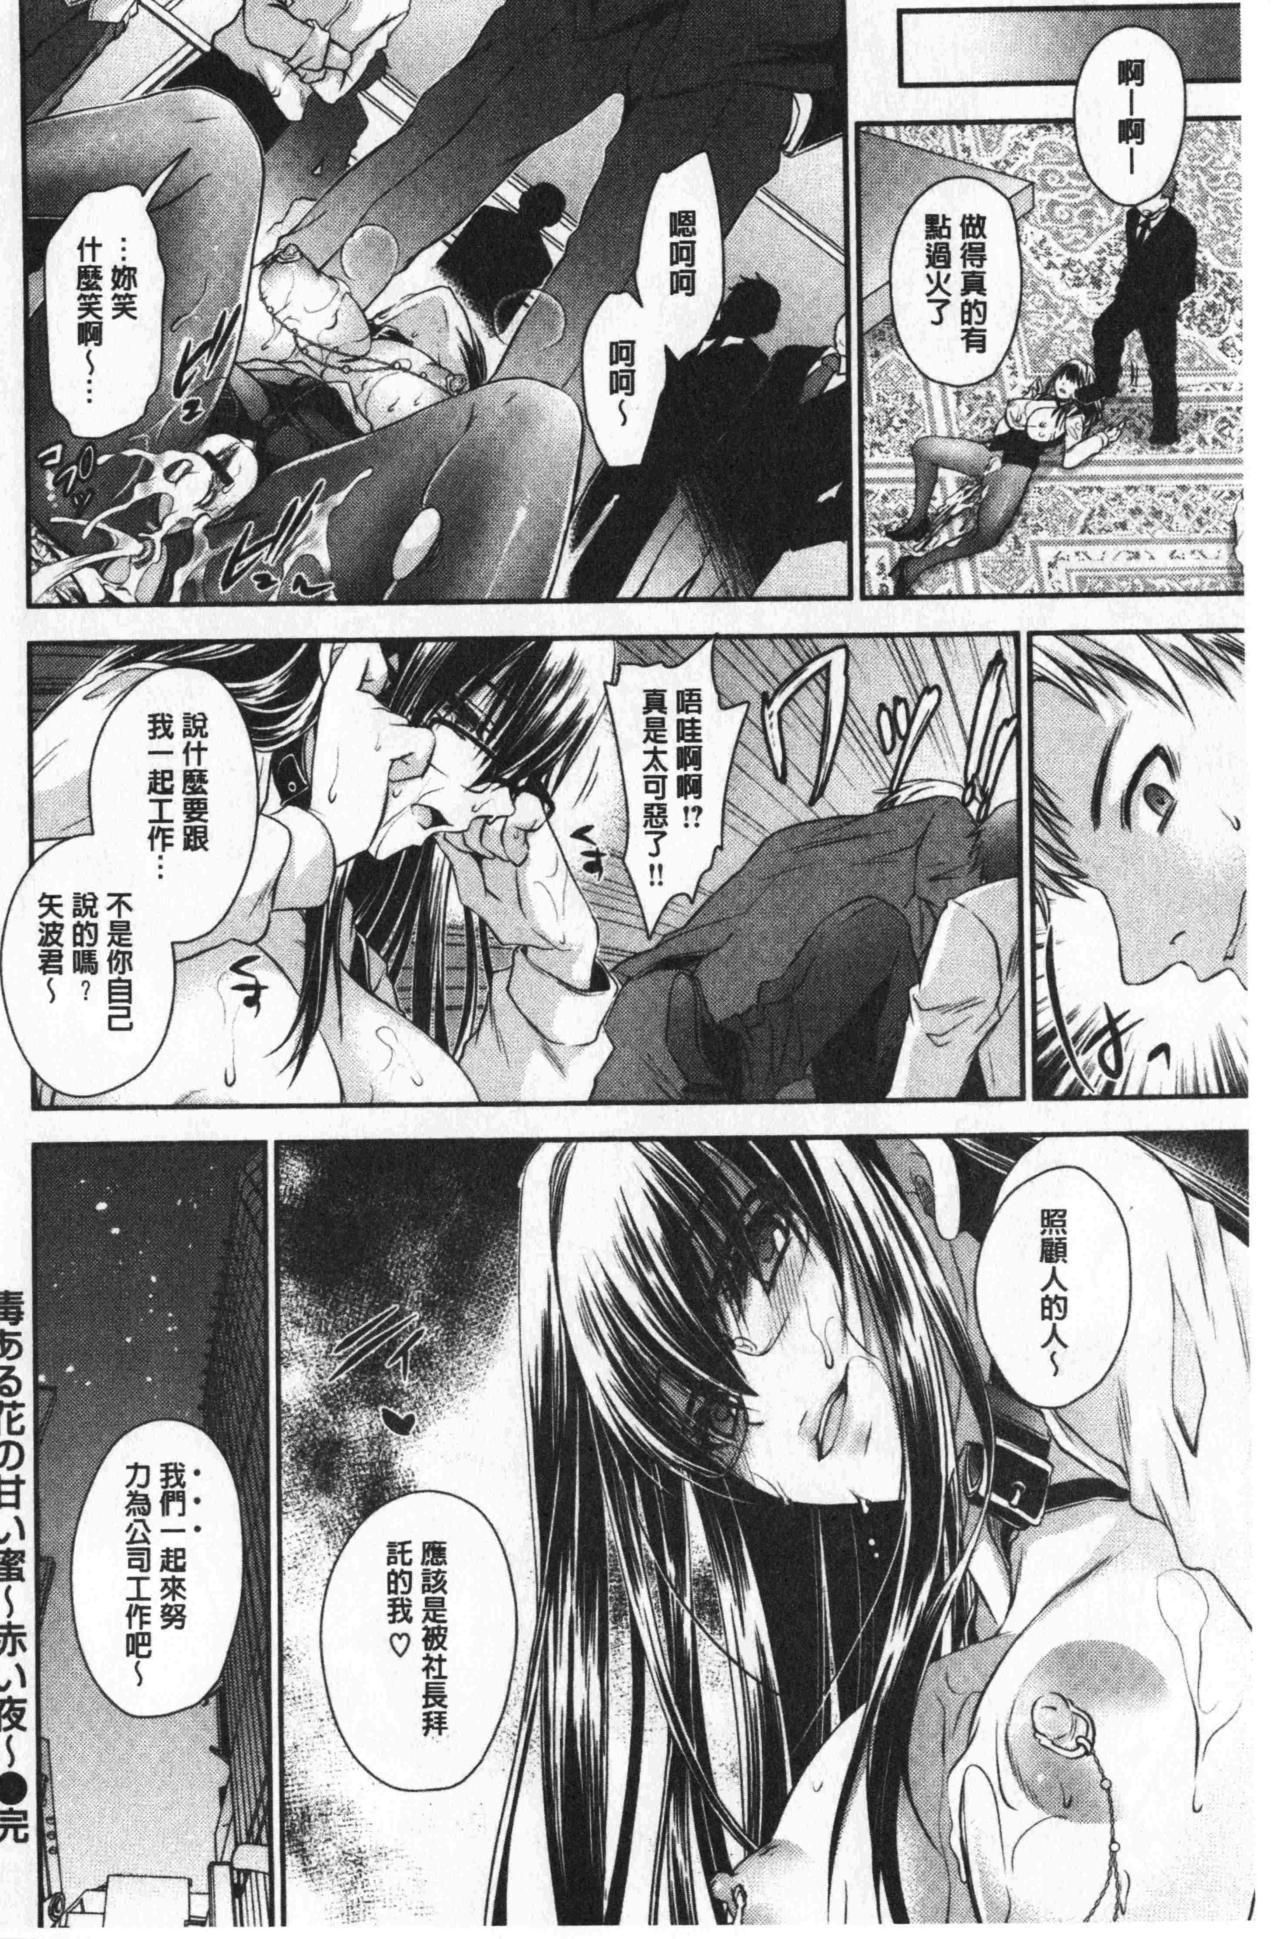 Doku Aru Hana no Amai Mitsu   毒淫花的甘甜蜜 75